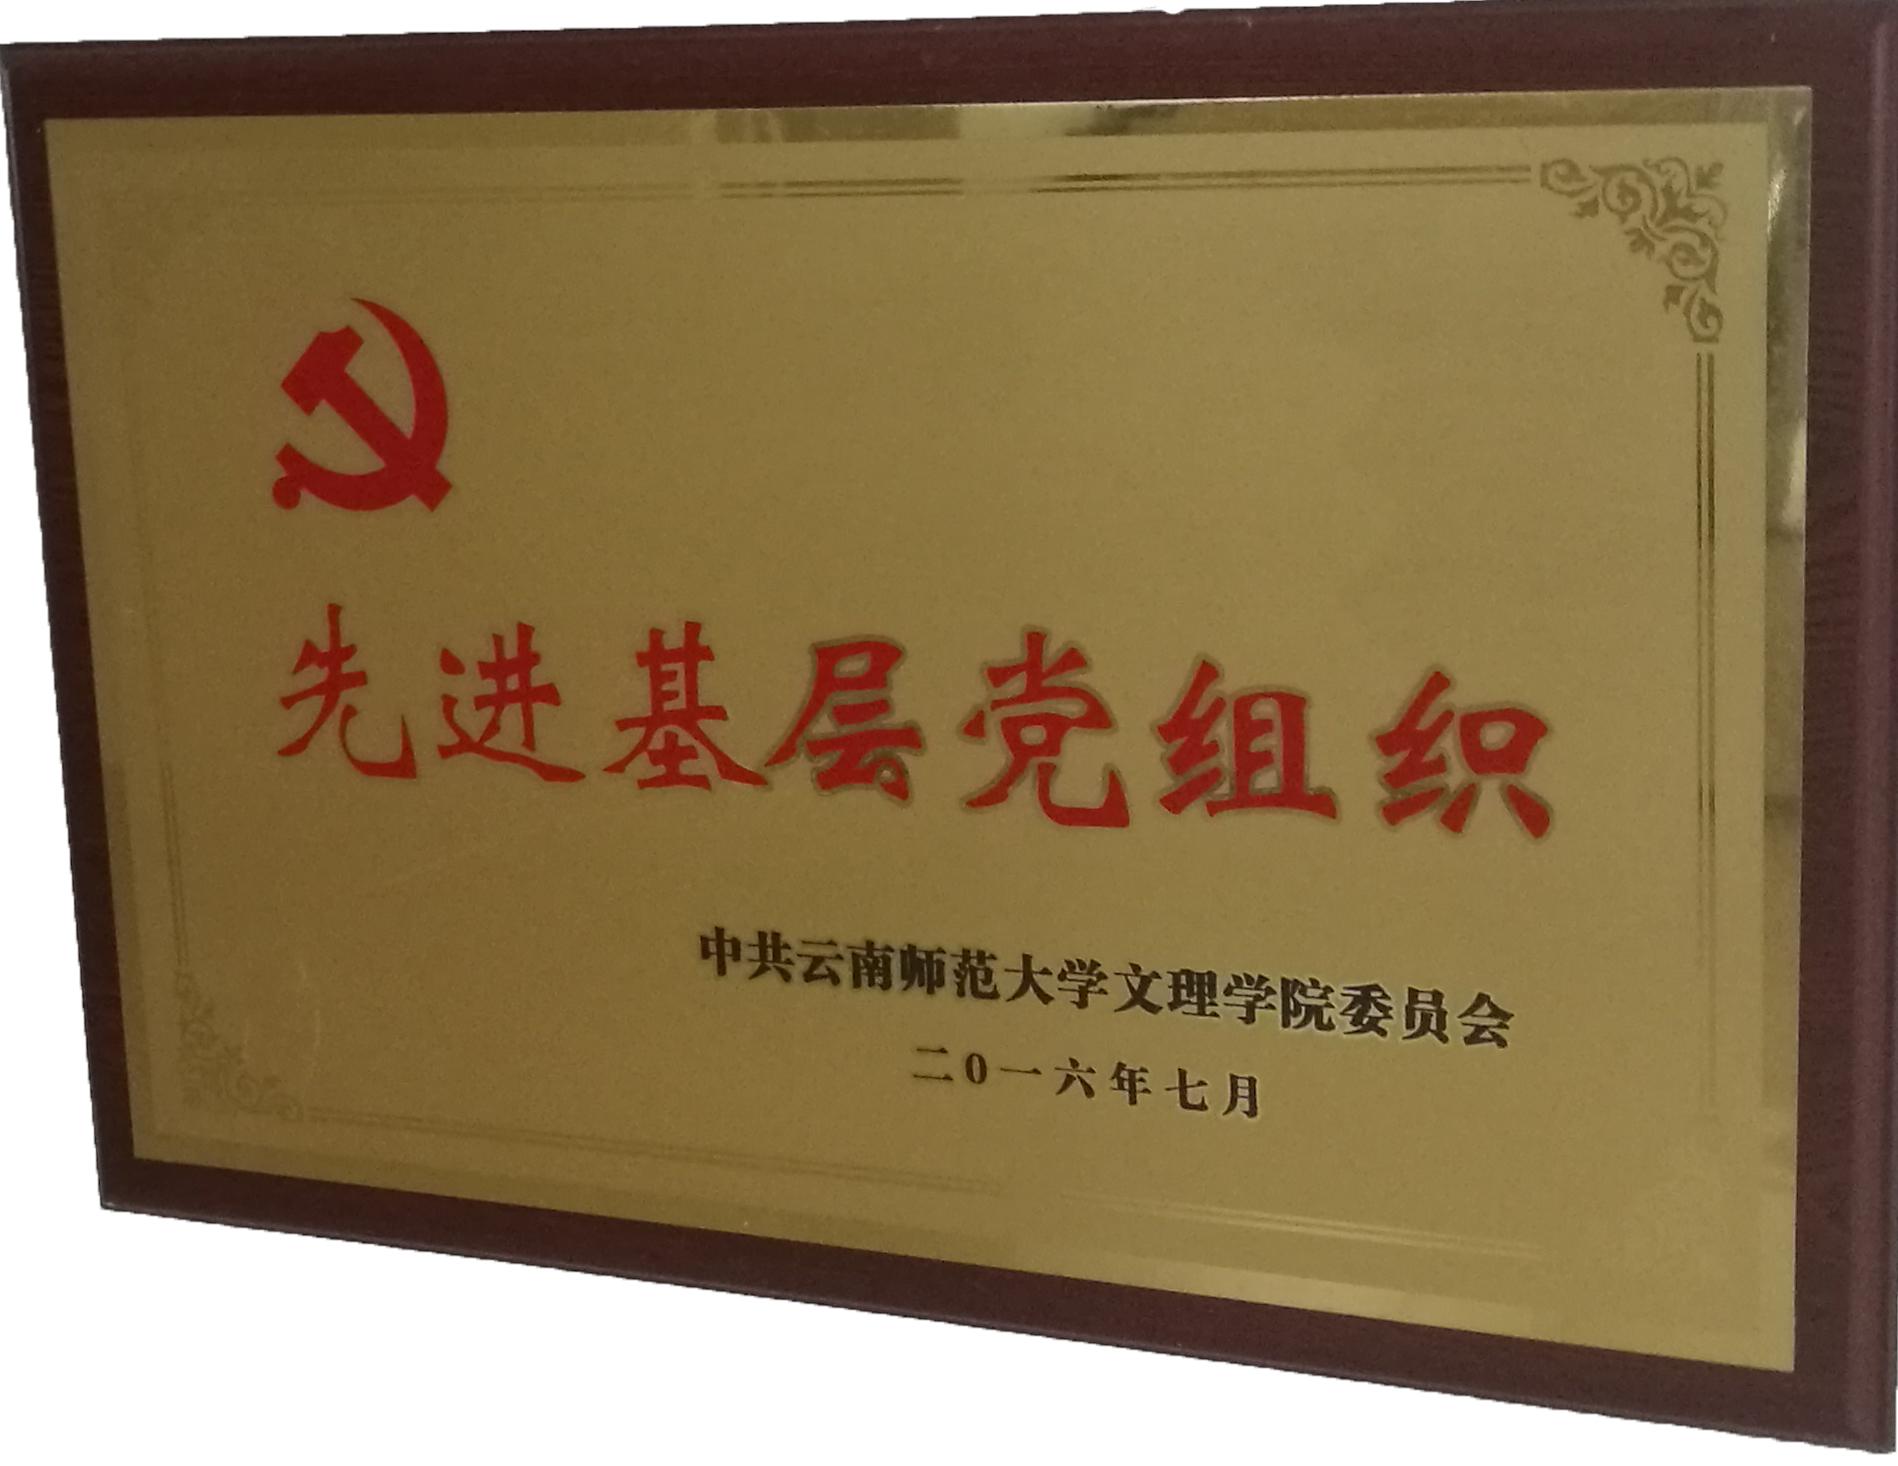 2016年中共云南师范大学文理学院委员会先进基层党组织